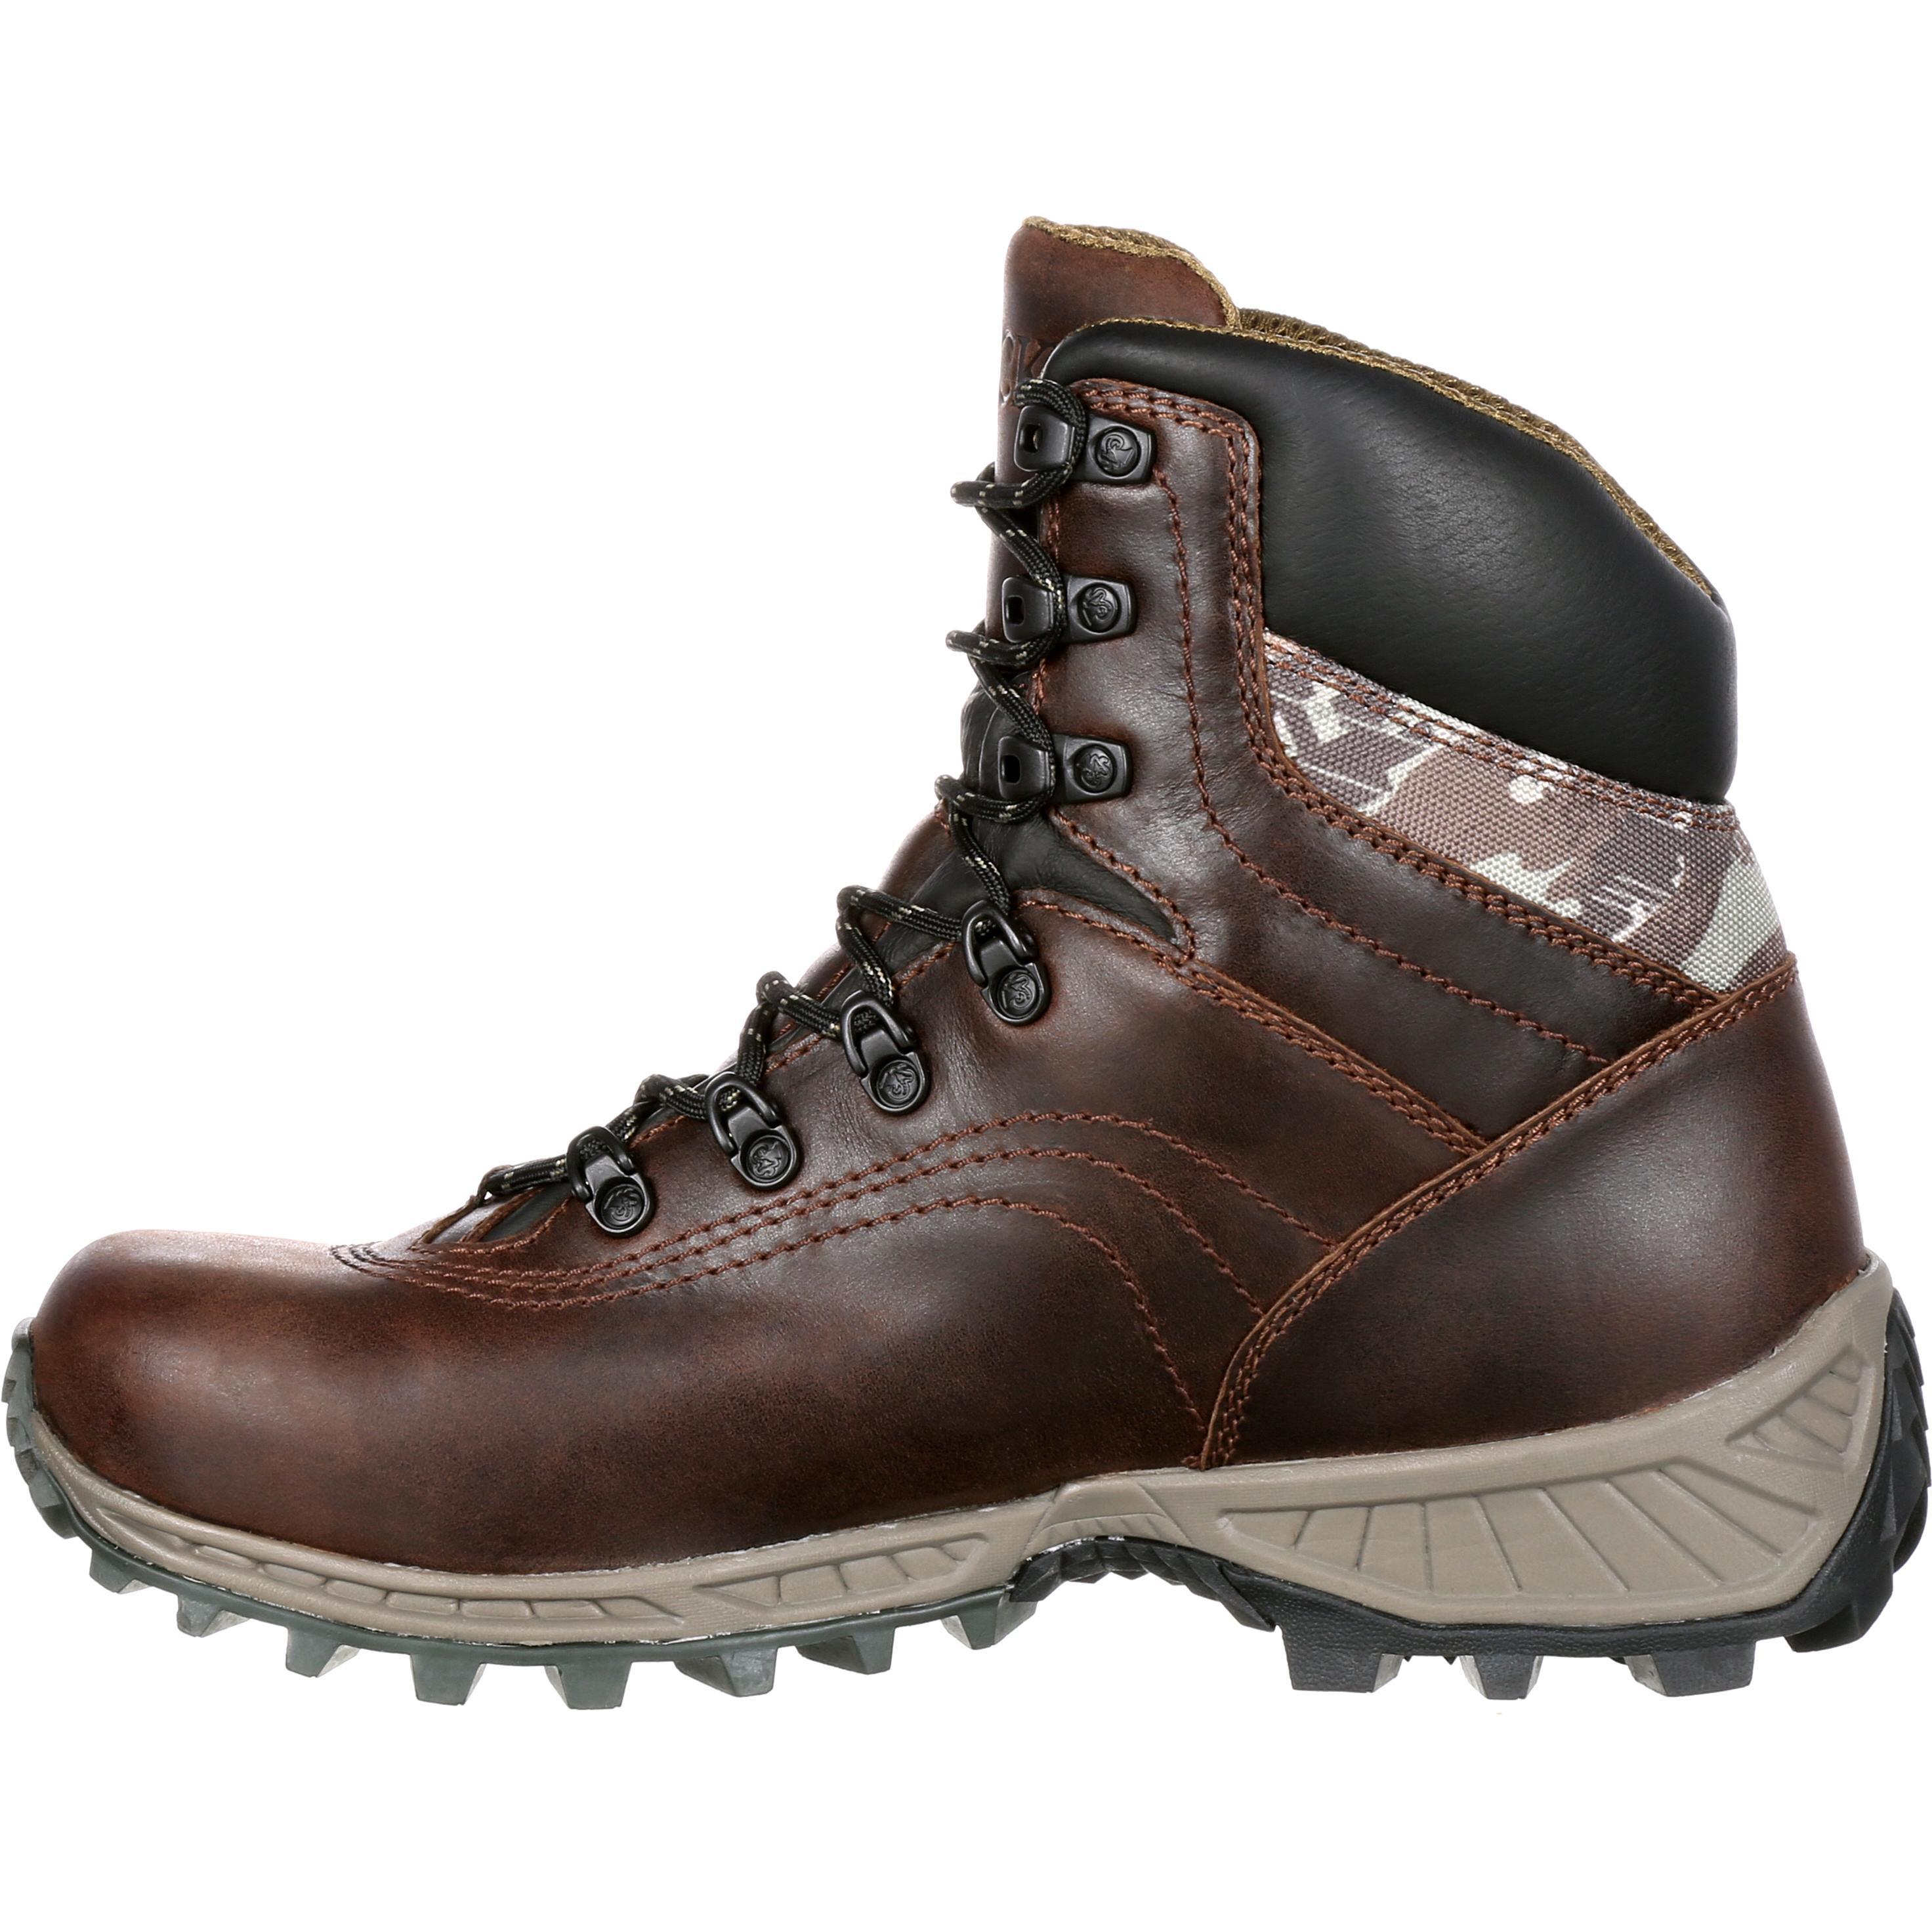 rocky stratum s waterproof comfortable outdoor boots